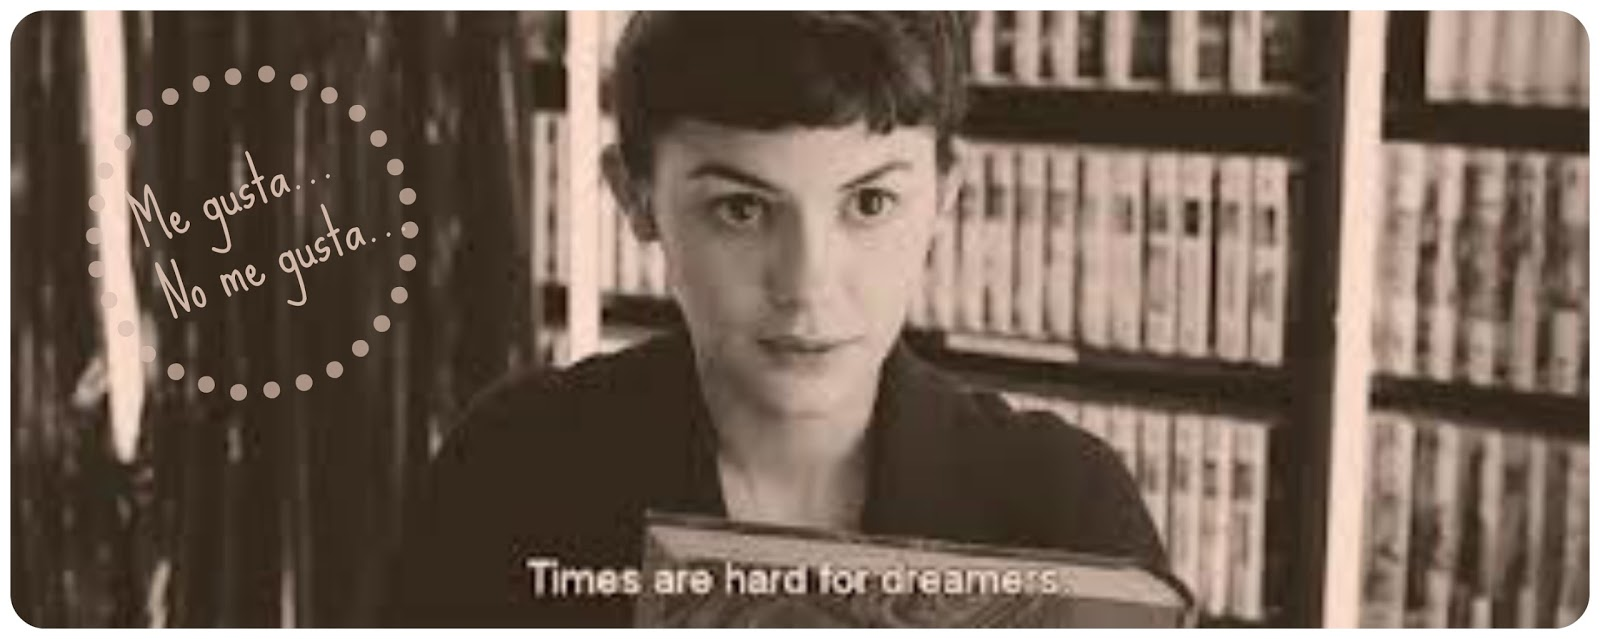 A Amélie le gusta y no le gusta. Tiempos difíciles para soñadores.